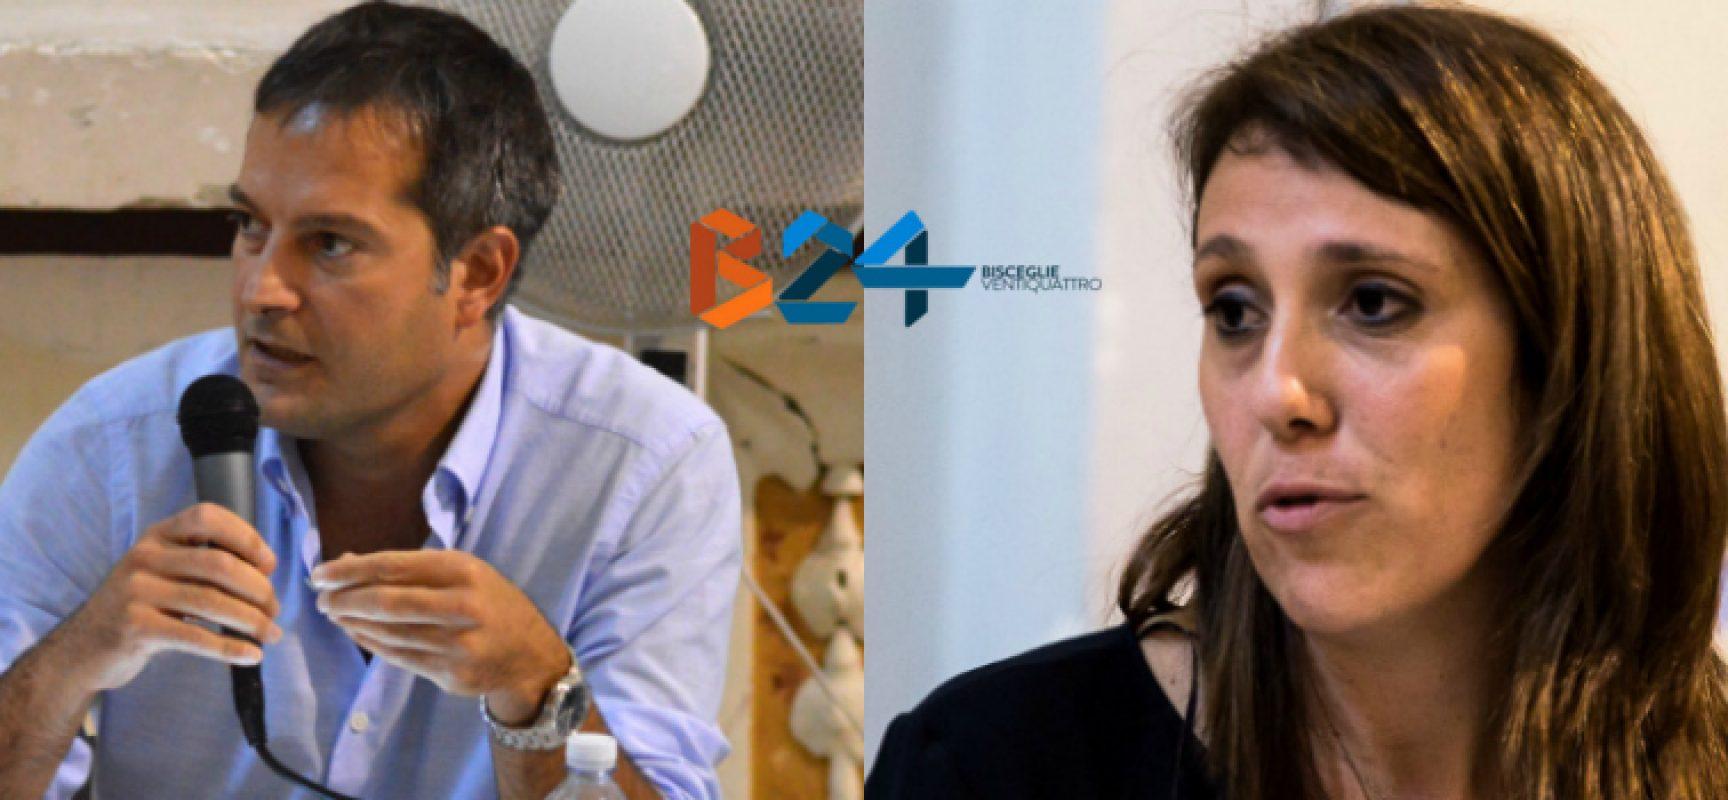 Angarano e Rigante (Pd) presentano sei segnalazioni all'amministrazione comunale